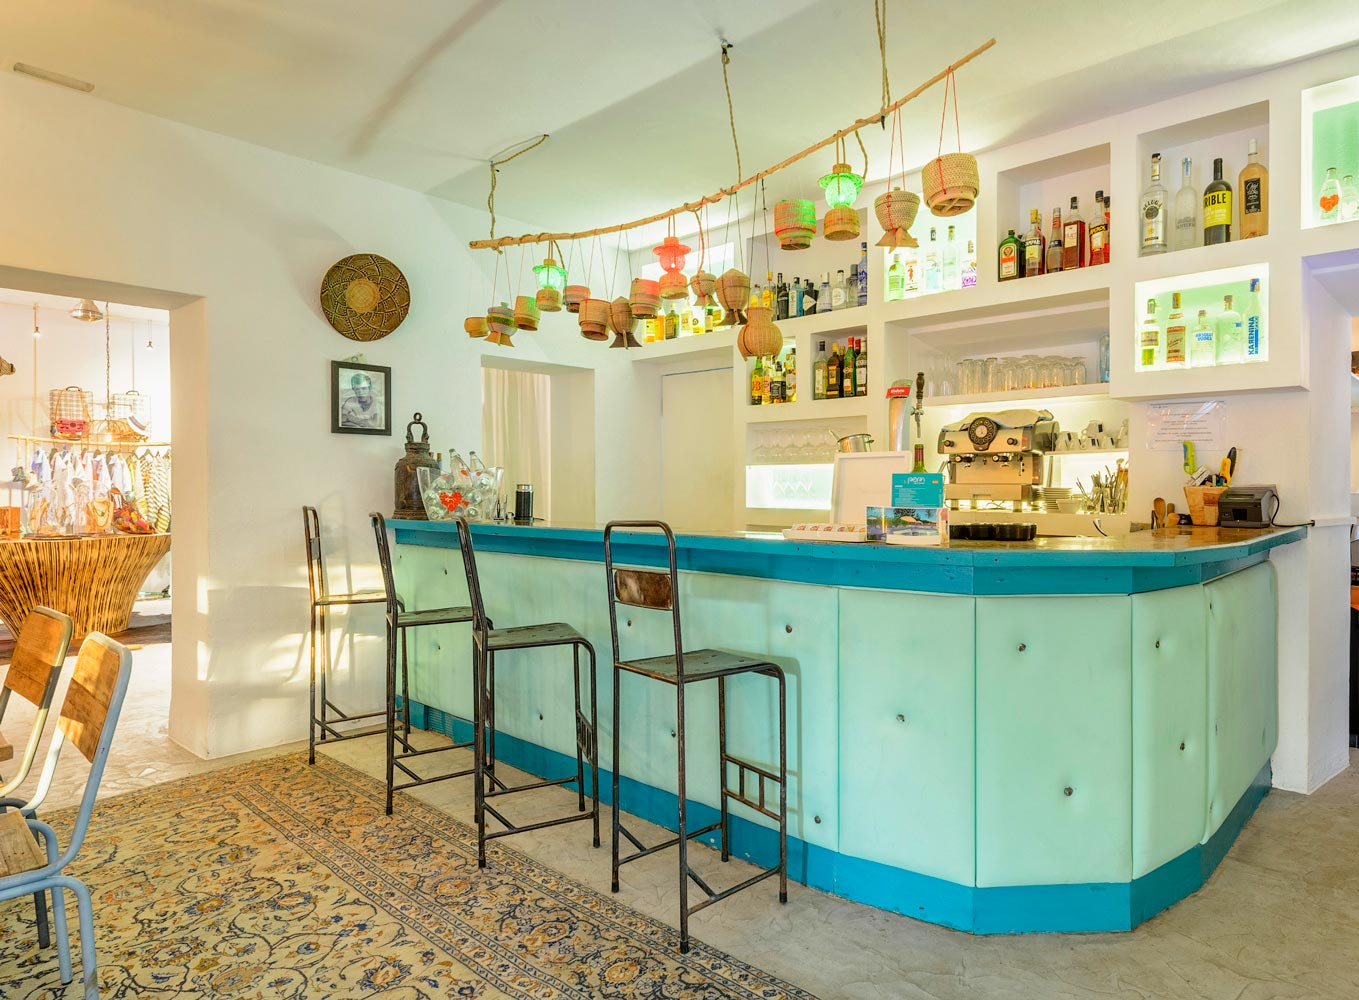 Trabajos-fotograficos-en-Ibiza-para-arquitectos-constructoras-diseñadores-de-interiores_31